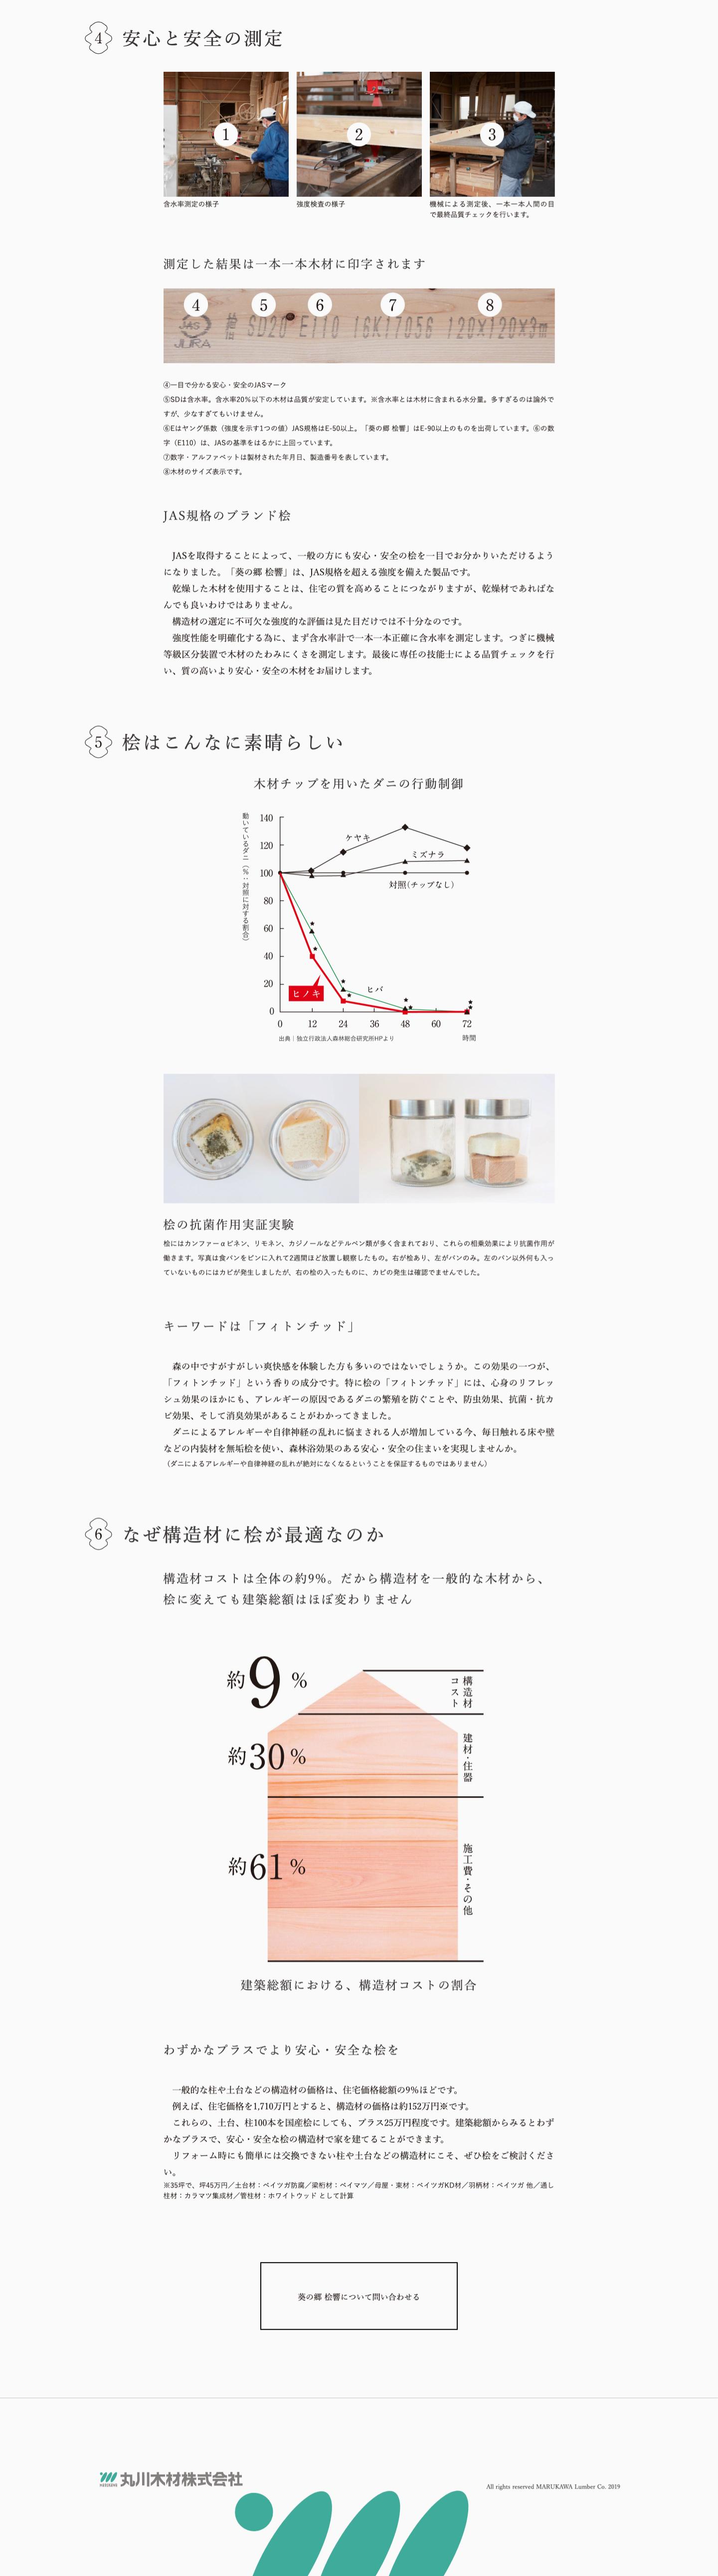 丸川木材株式会社のWEBサイト